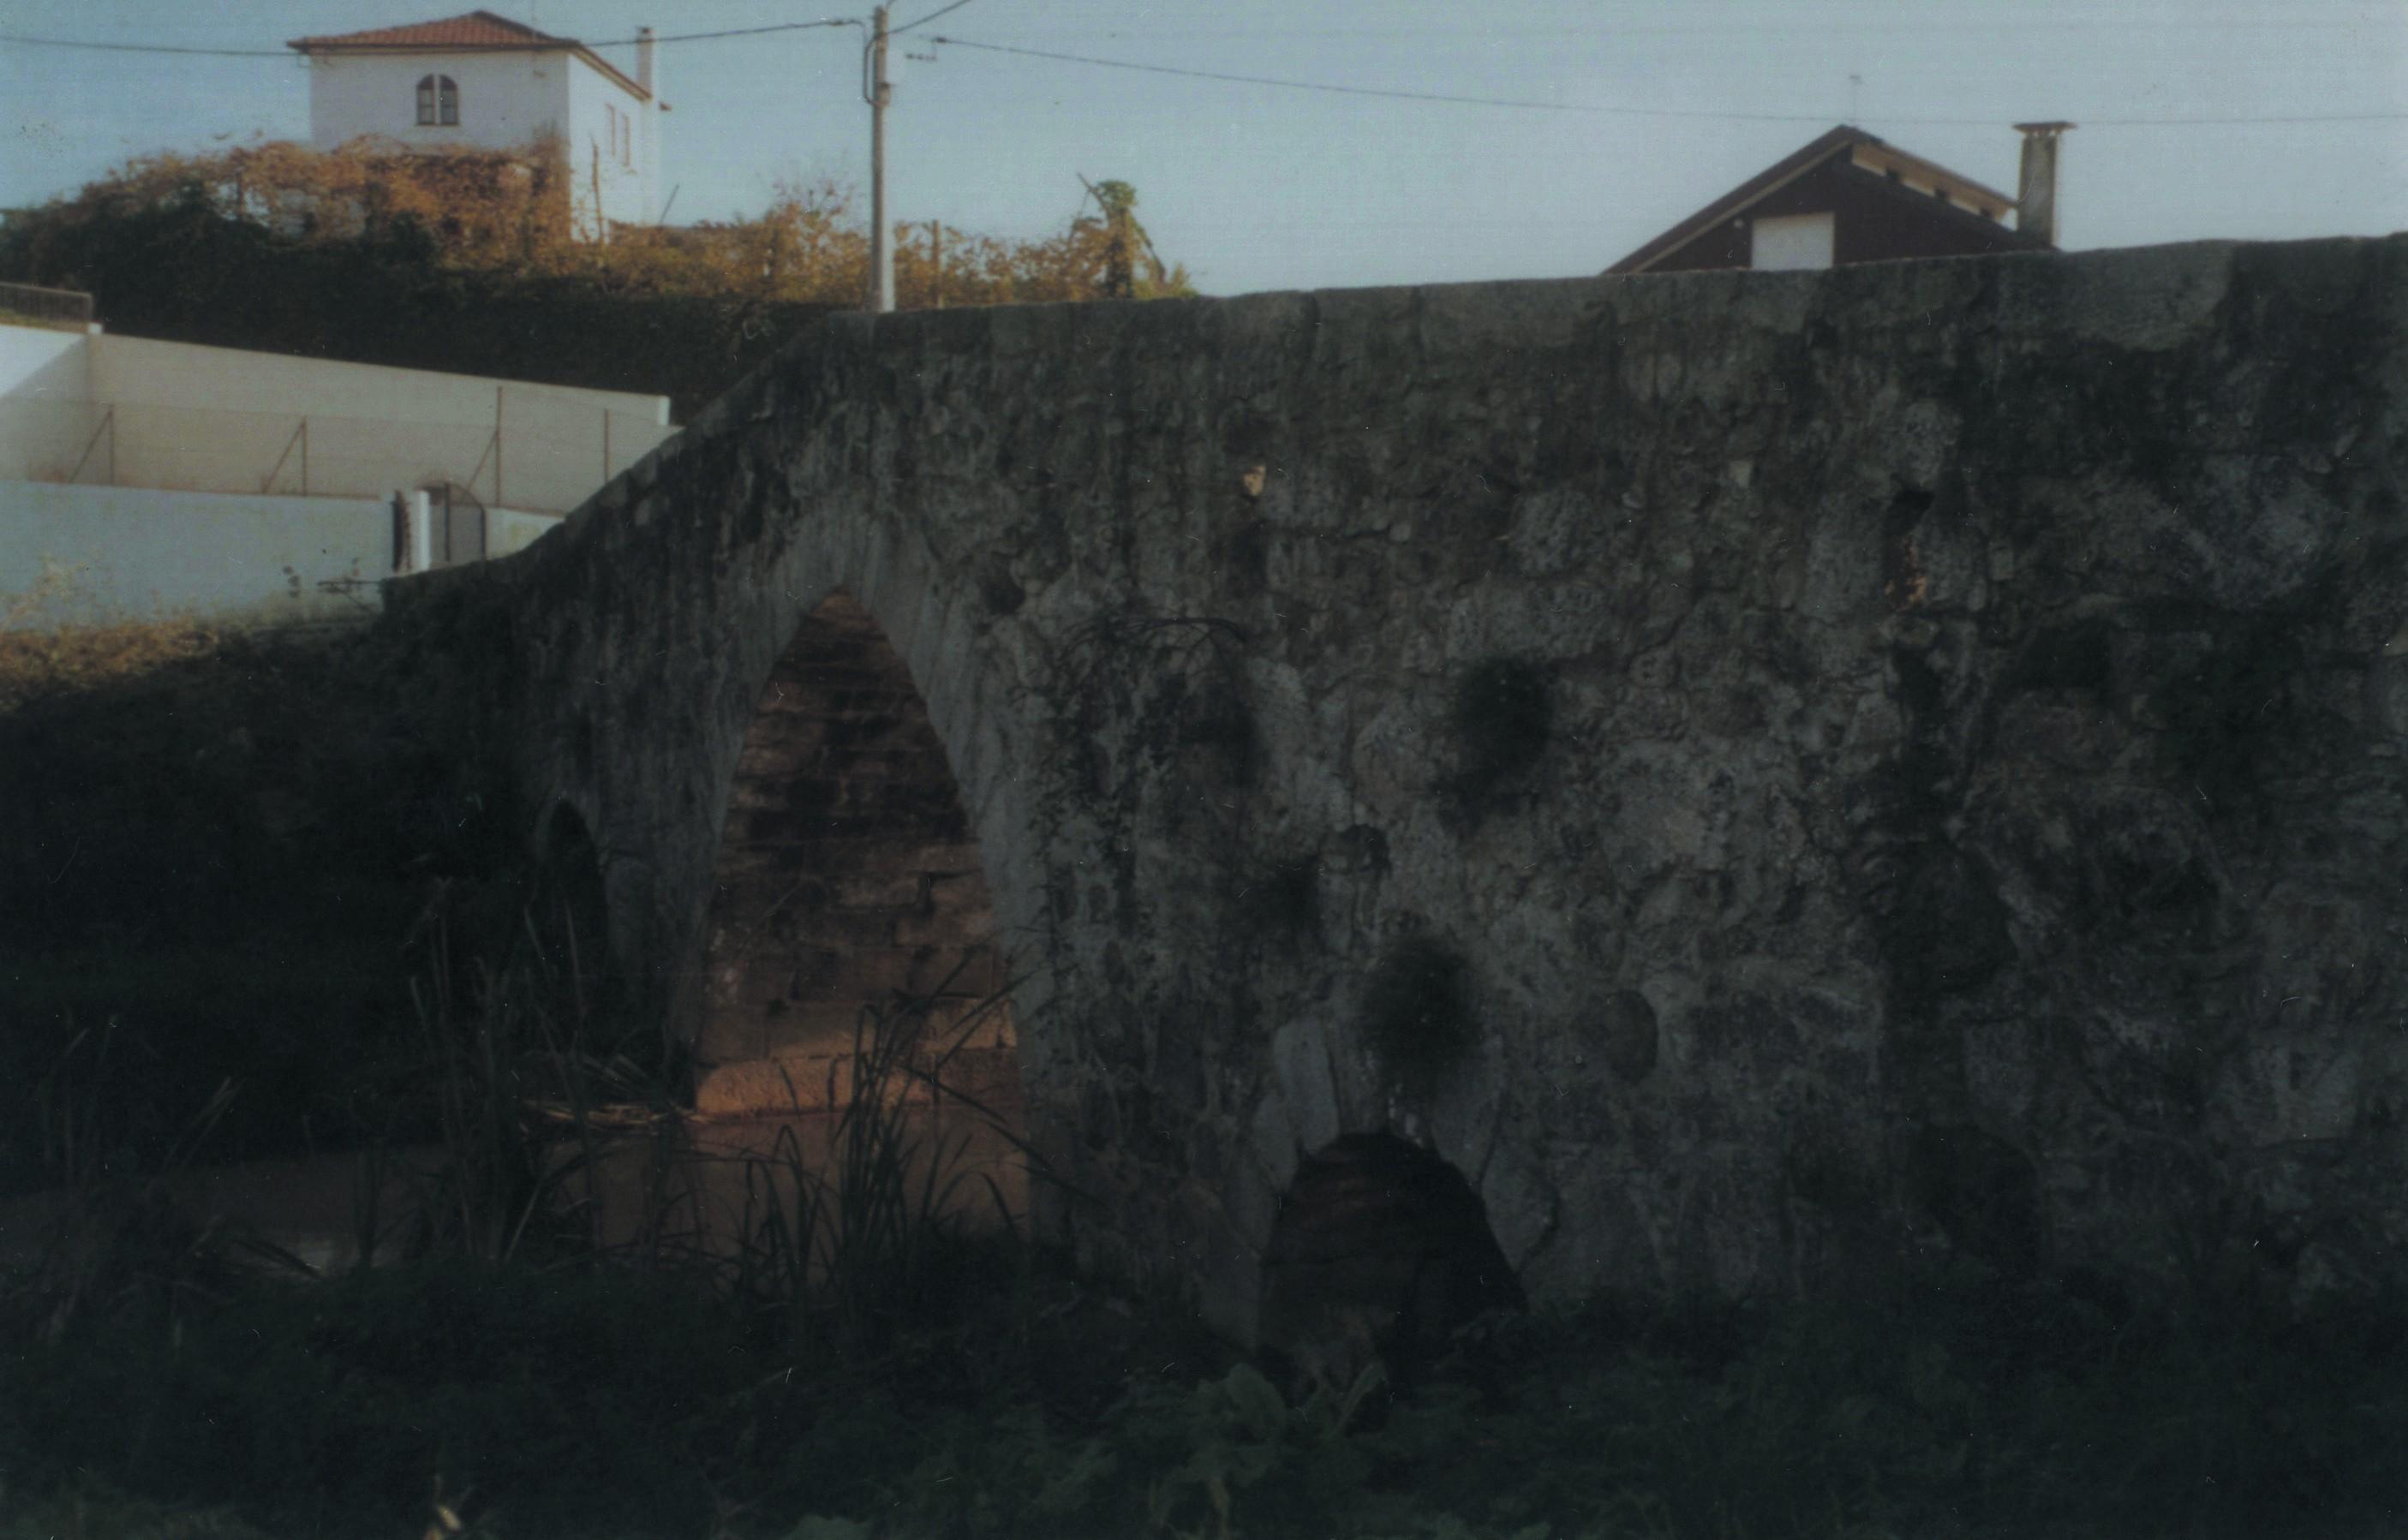 Ponte romana da Pica, Cucujães (Anos 90)